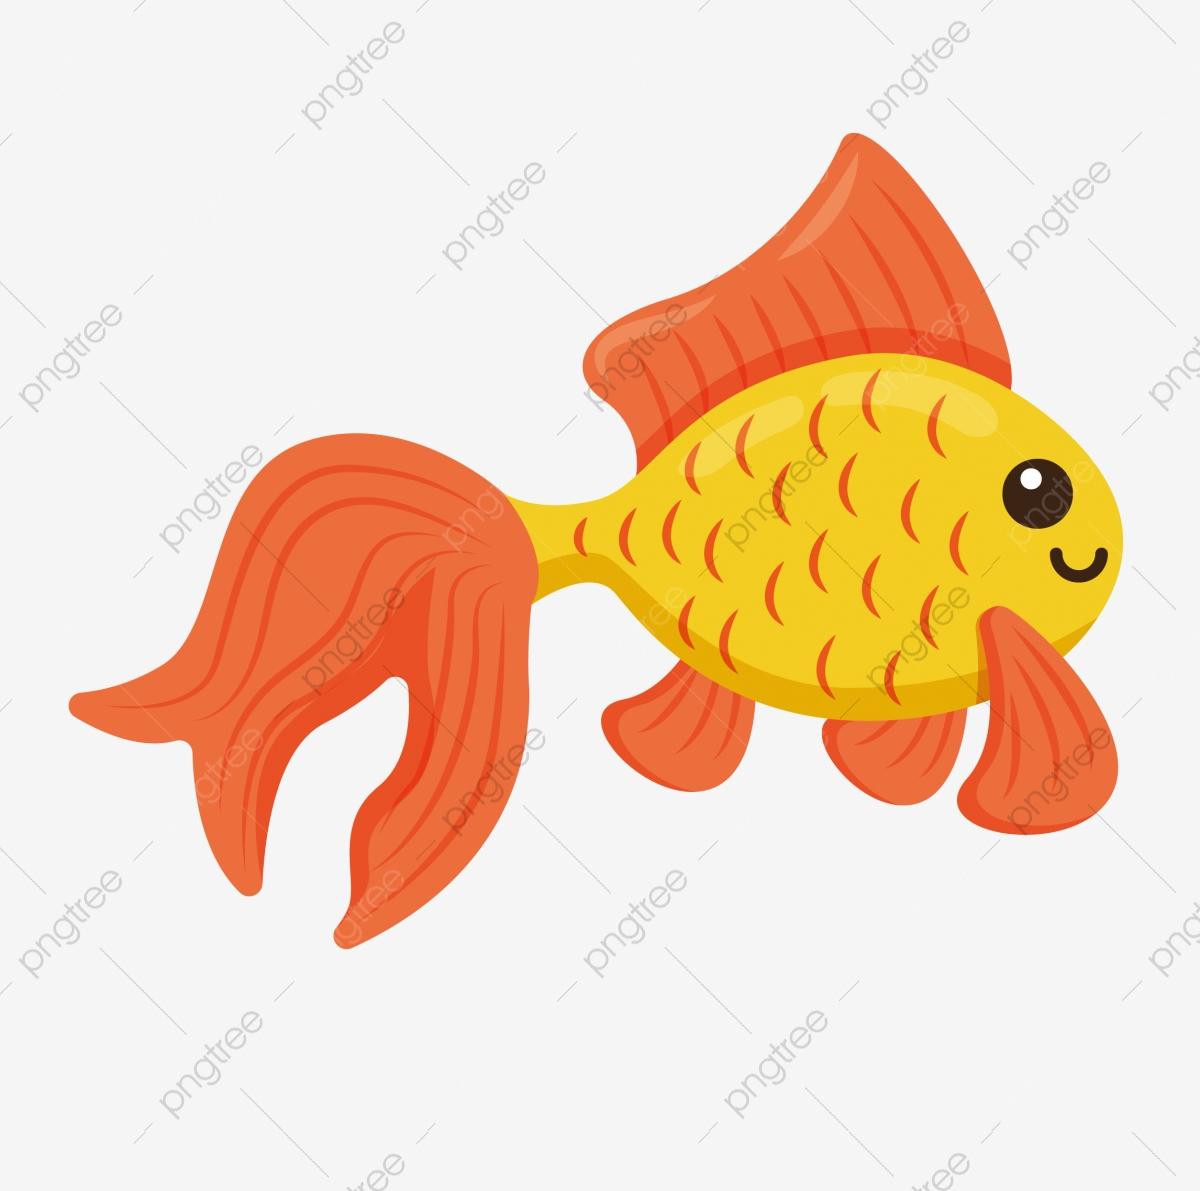 Goldfisch Zierfisch Durch Cartoon Fisch, Schön, Süß, Fisch in Fische Comic